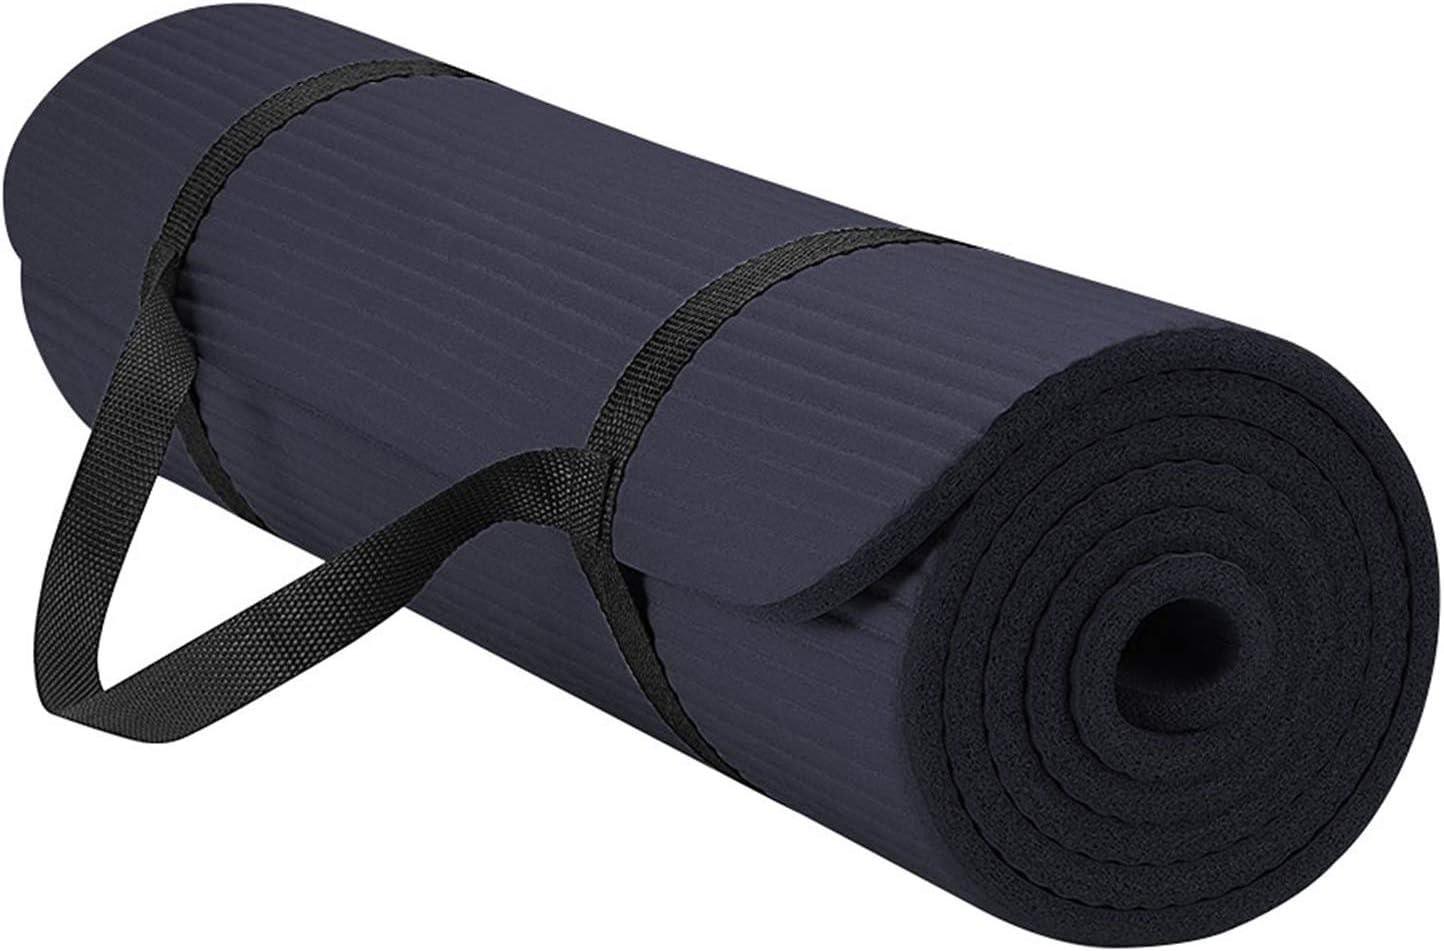 sol et exercices de fitness pilates JAEDEN Tapis de yoga ultra /épais r/éversible l/éger avec sangle de transport en mousse confortable Tapis dexercice antid/érapant pour yoga